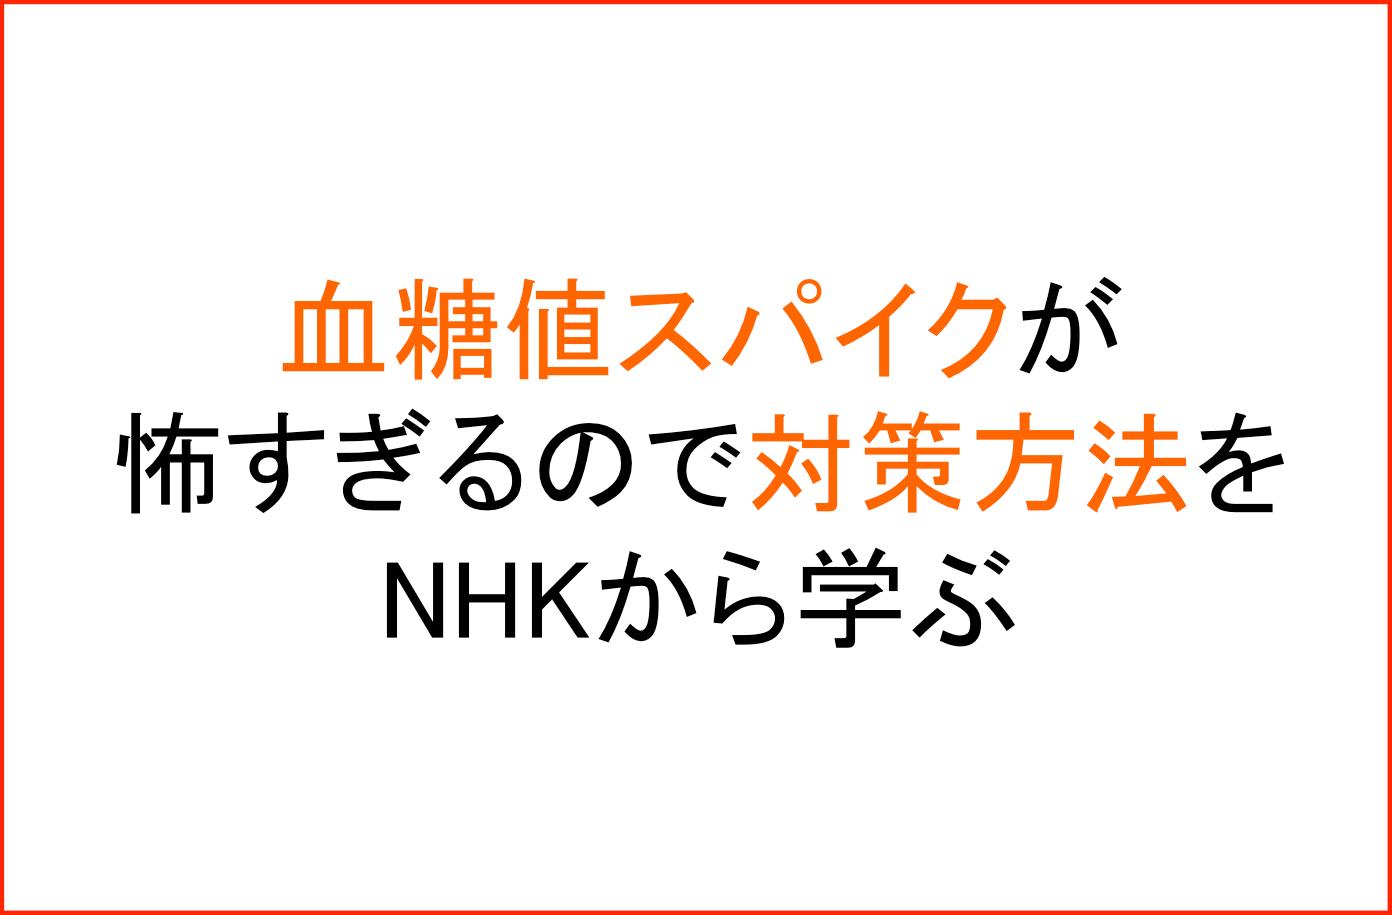 サンクトガーレン「甘熟桃のエール」が旨すぎた!横浜オクトーバーフェスト限定ビールとのこと!